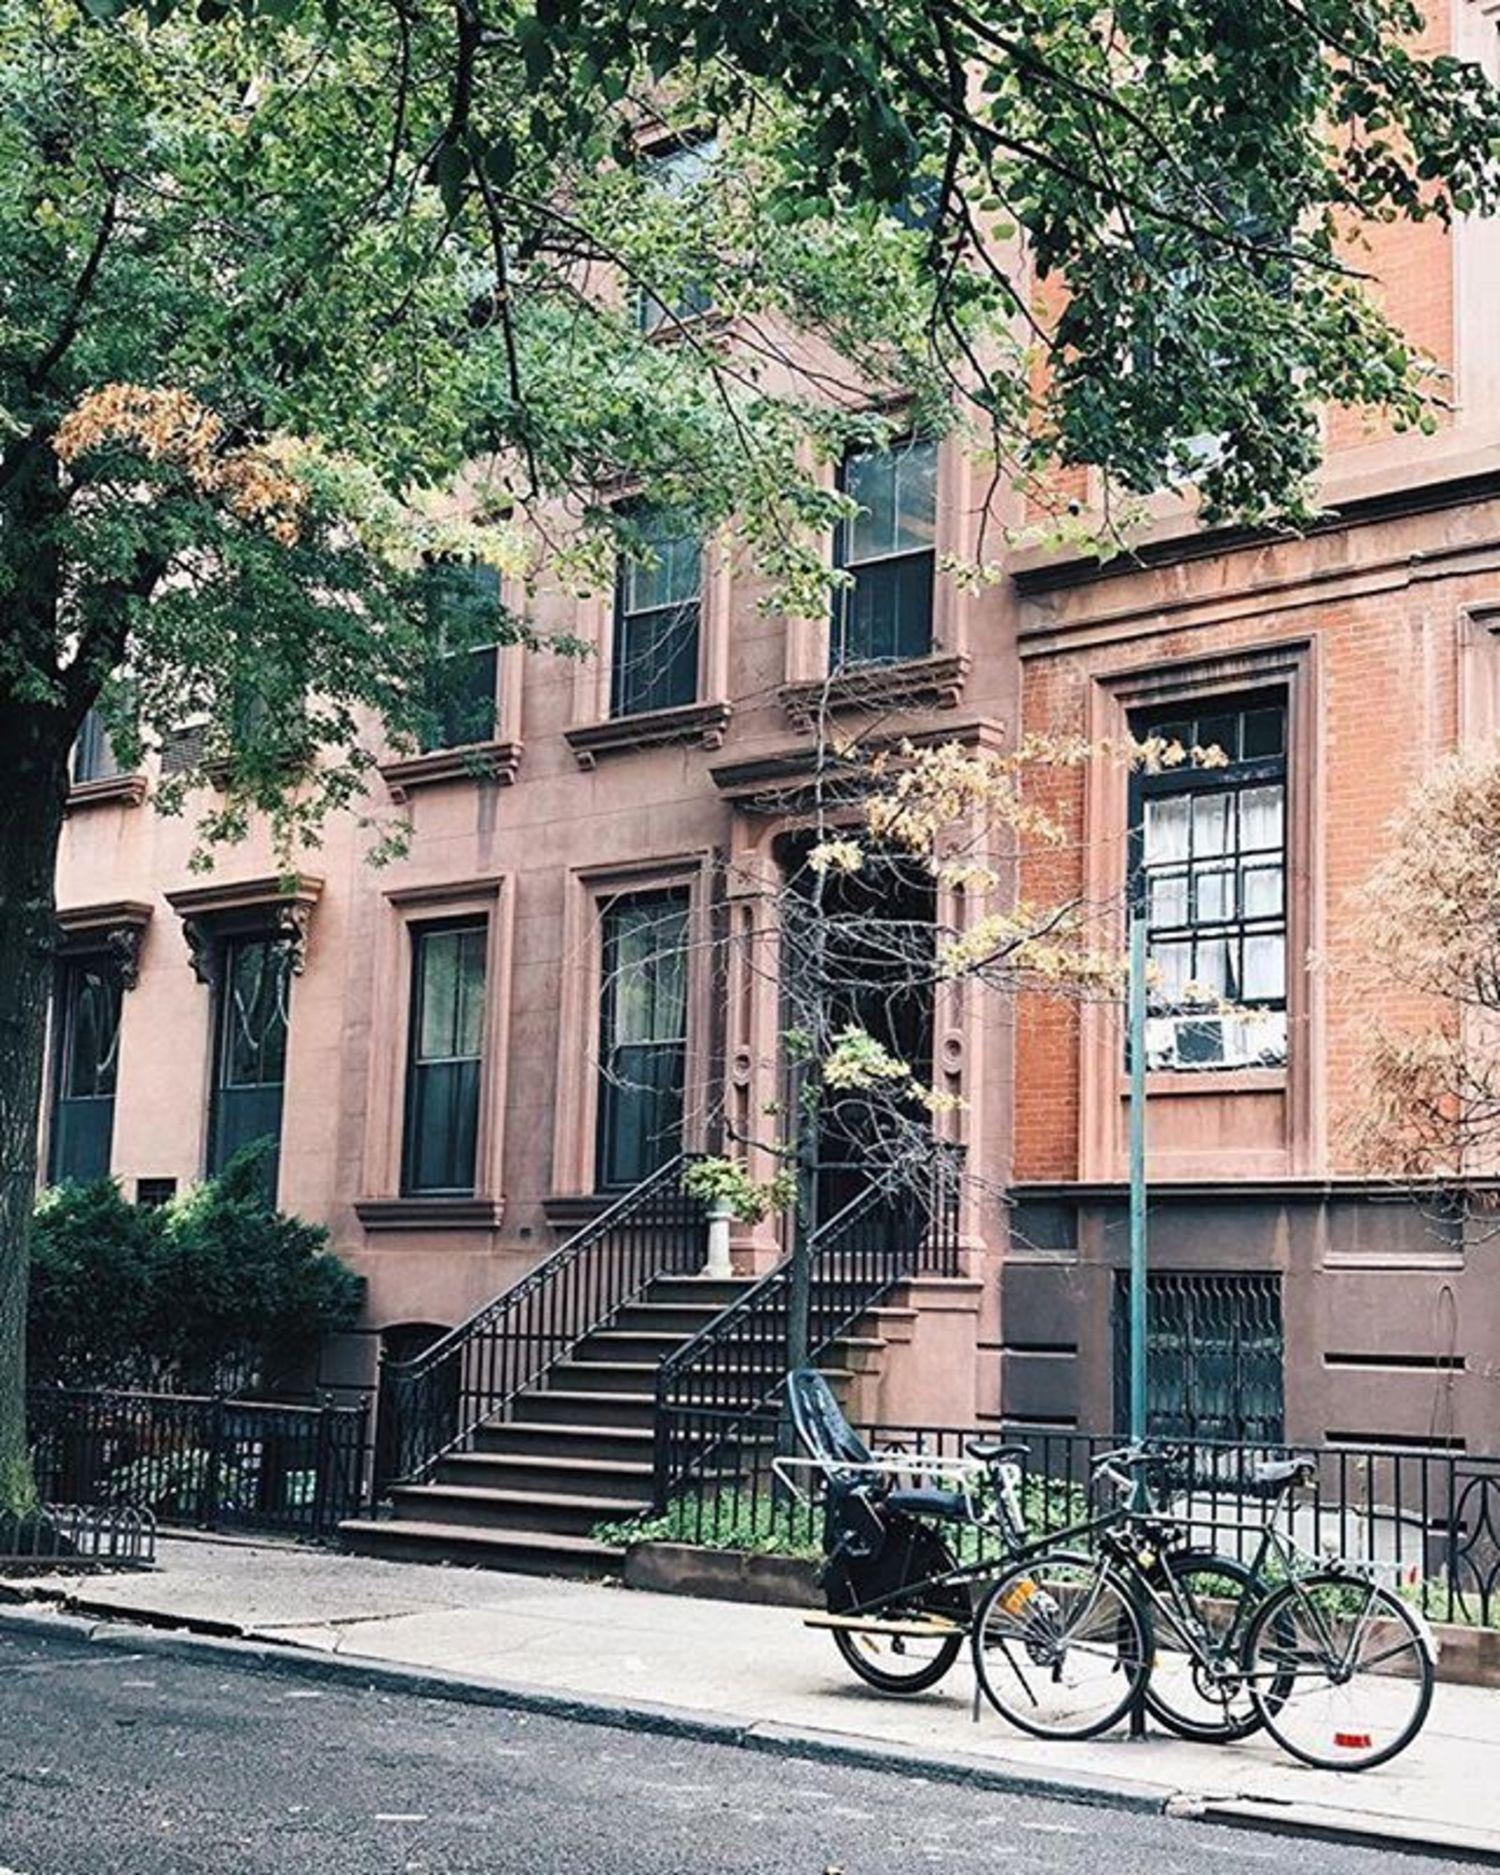 New York, New York. Photo via @melliekr #viewingnyc #newyorkcity